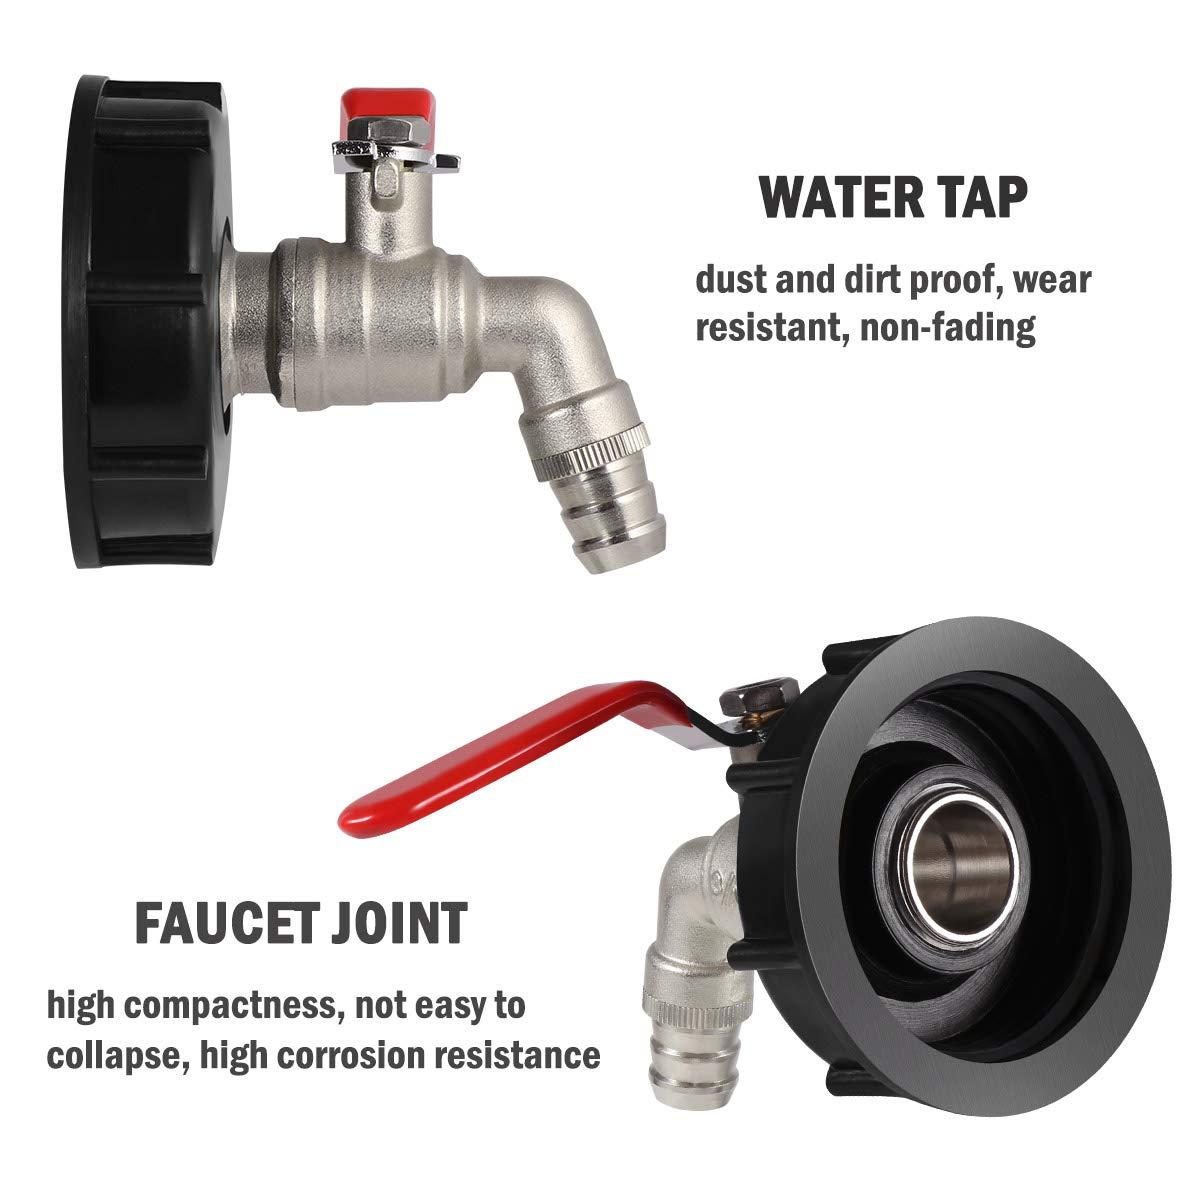 Schwarz OUNONA IBC Tank Adapter Wasserhahn Wasserablauf Hahn Gewinde zu 15mm Wassertank Yard Gartenhahn Schlauchventil Adapter Fittings